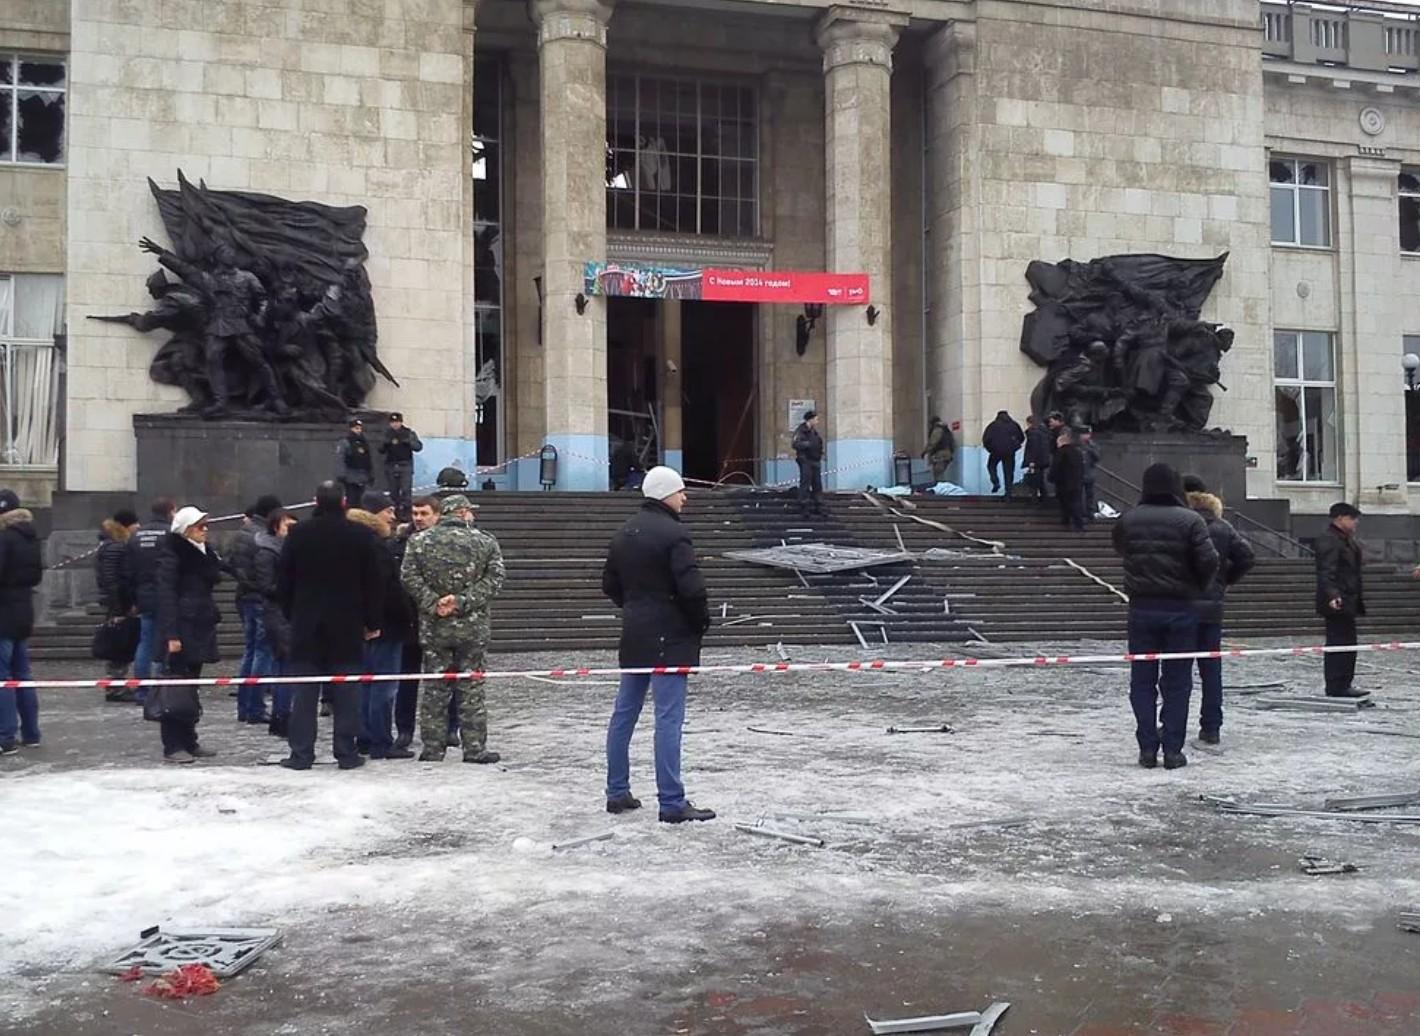 Теракт на железнодорожном вокзале Волгограда в 2013 году: хроника событий и итоги расследования трагедии